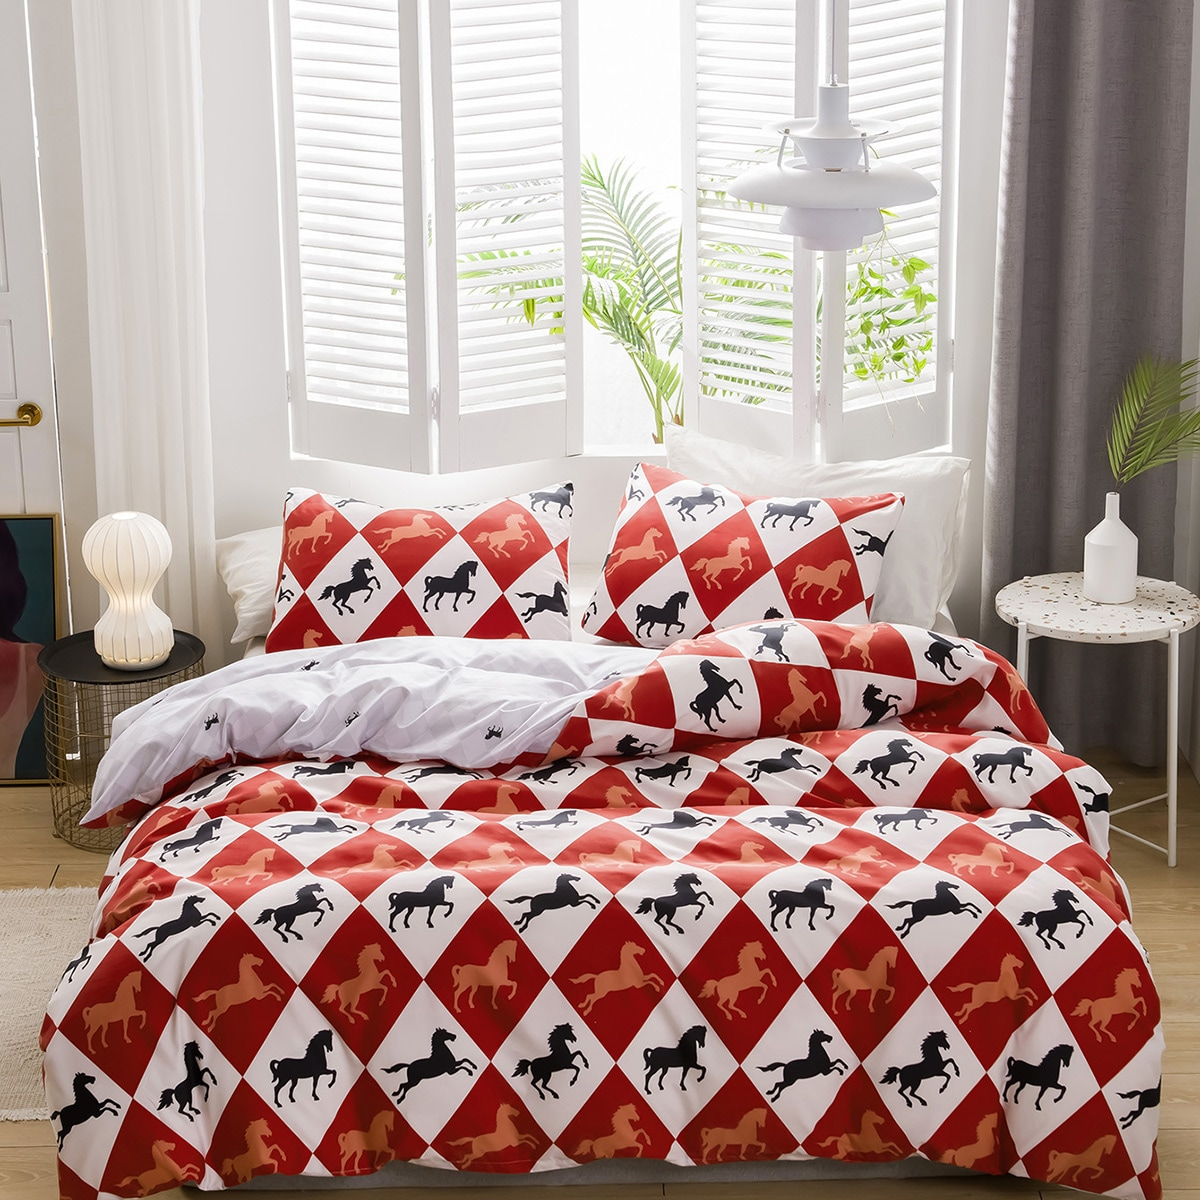 Комплект постельного белья с принтом лошади без наполнителя фото